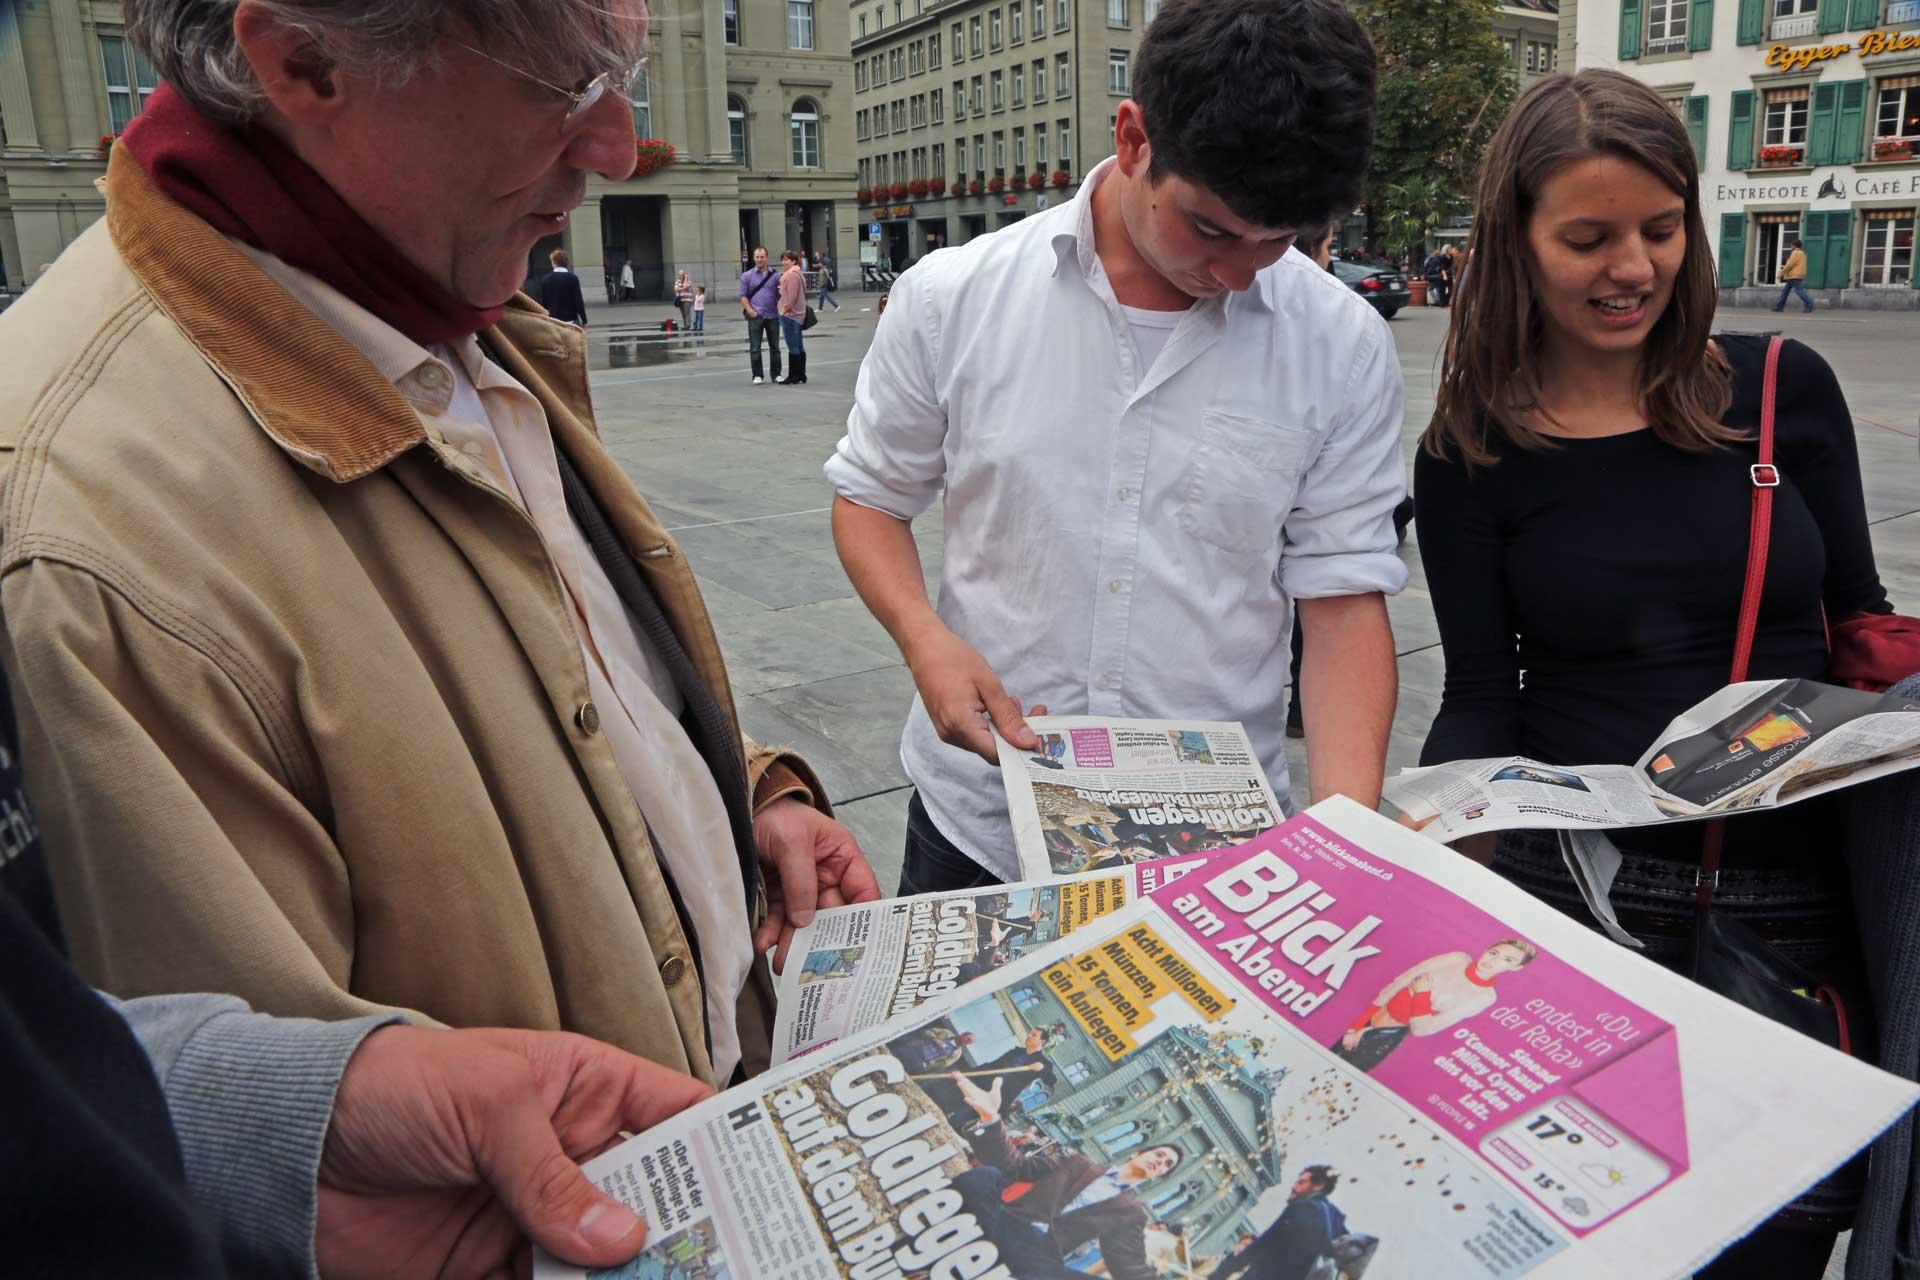 Das Thema der Initiative schafft es bei vielen Schweizer Zeitungen auf die Seite 1, das war die Idee...